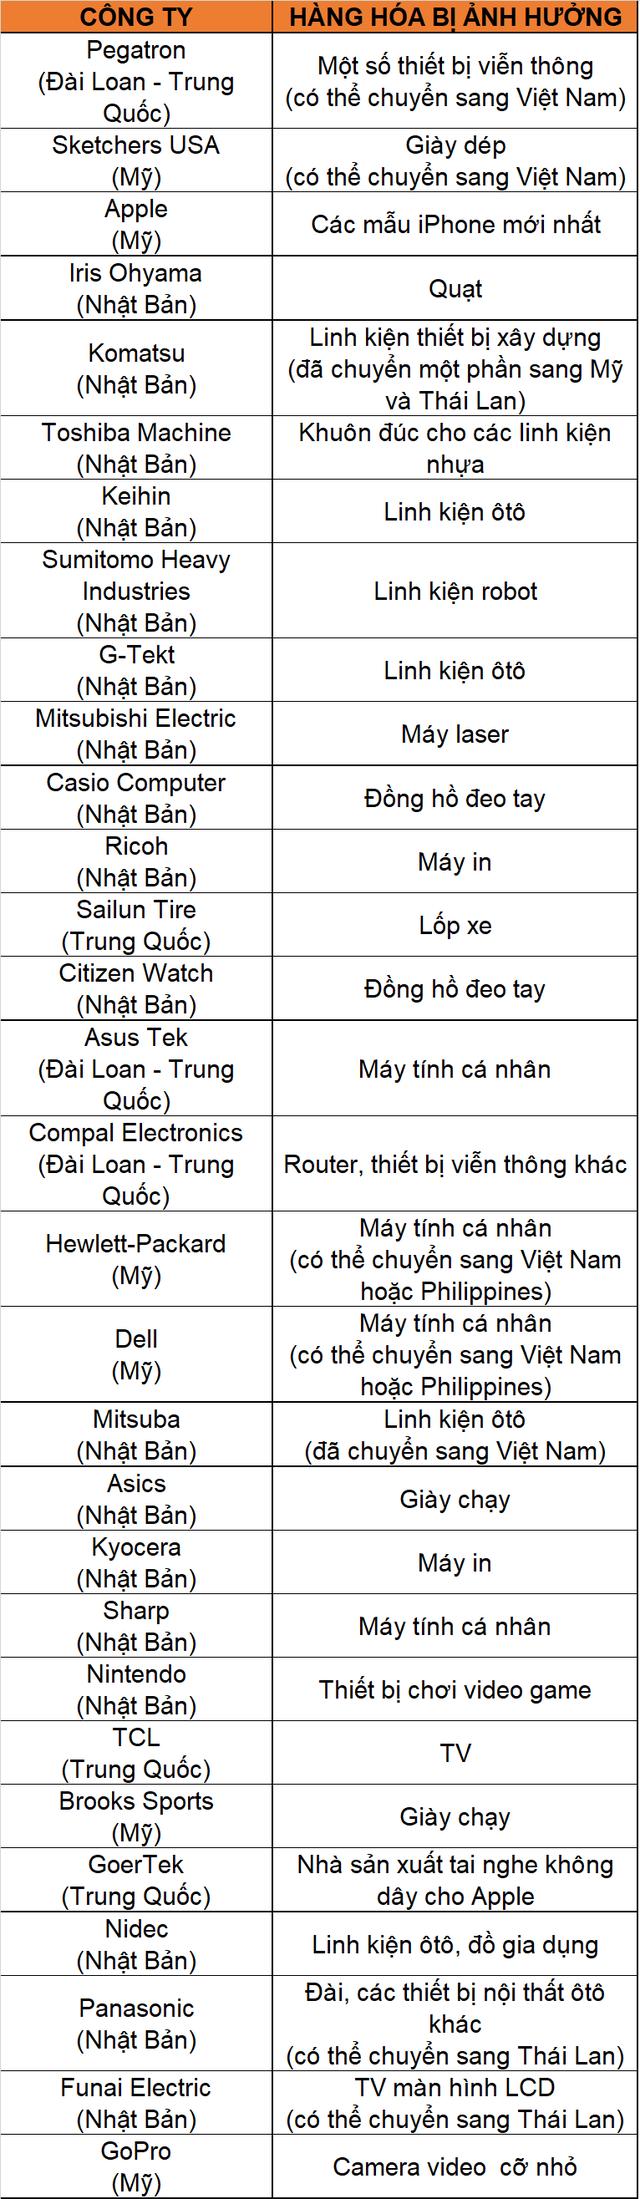 Cuộc đại di cư của các doanh nghiệp khỏi Trung Quốc - Ảnh 1.